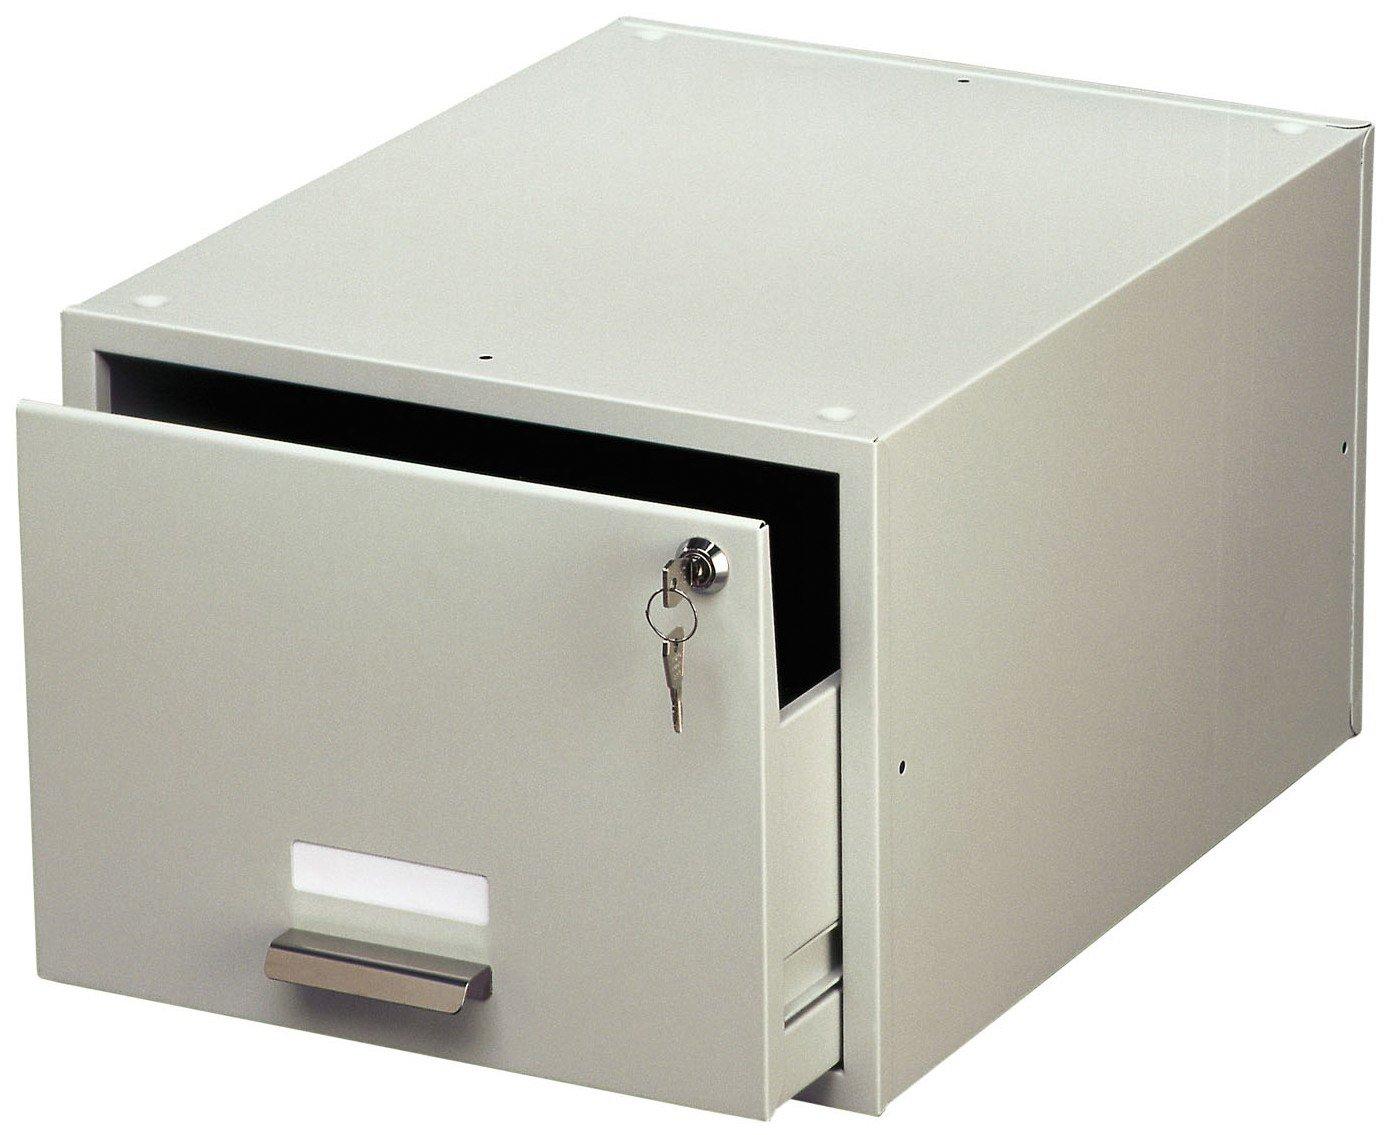 199x155x420 mm con supporto documenti impilabile Schedario da tavolo A6 1500 cartellini LxHxP DURABLE 335210 acciaio verniciato grigio